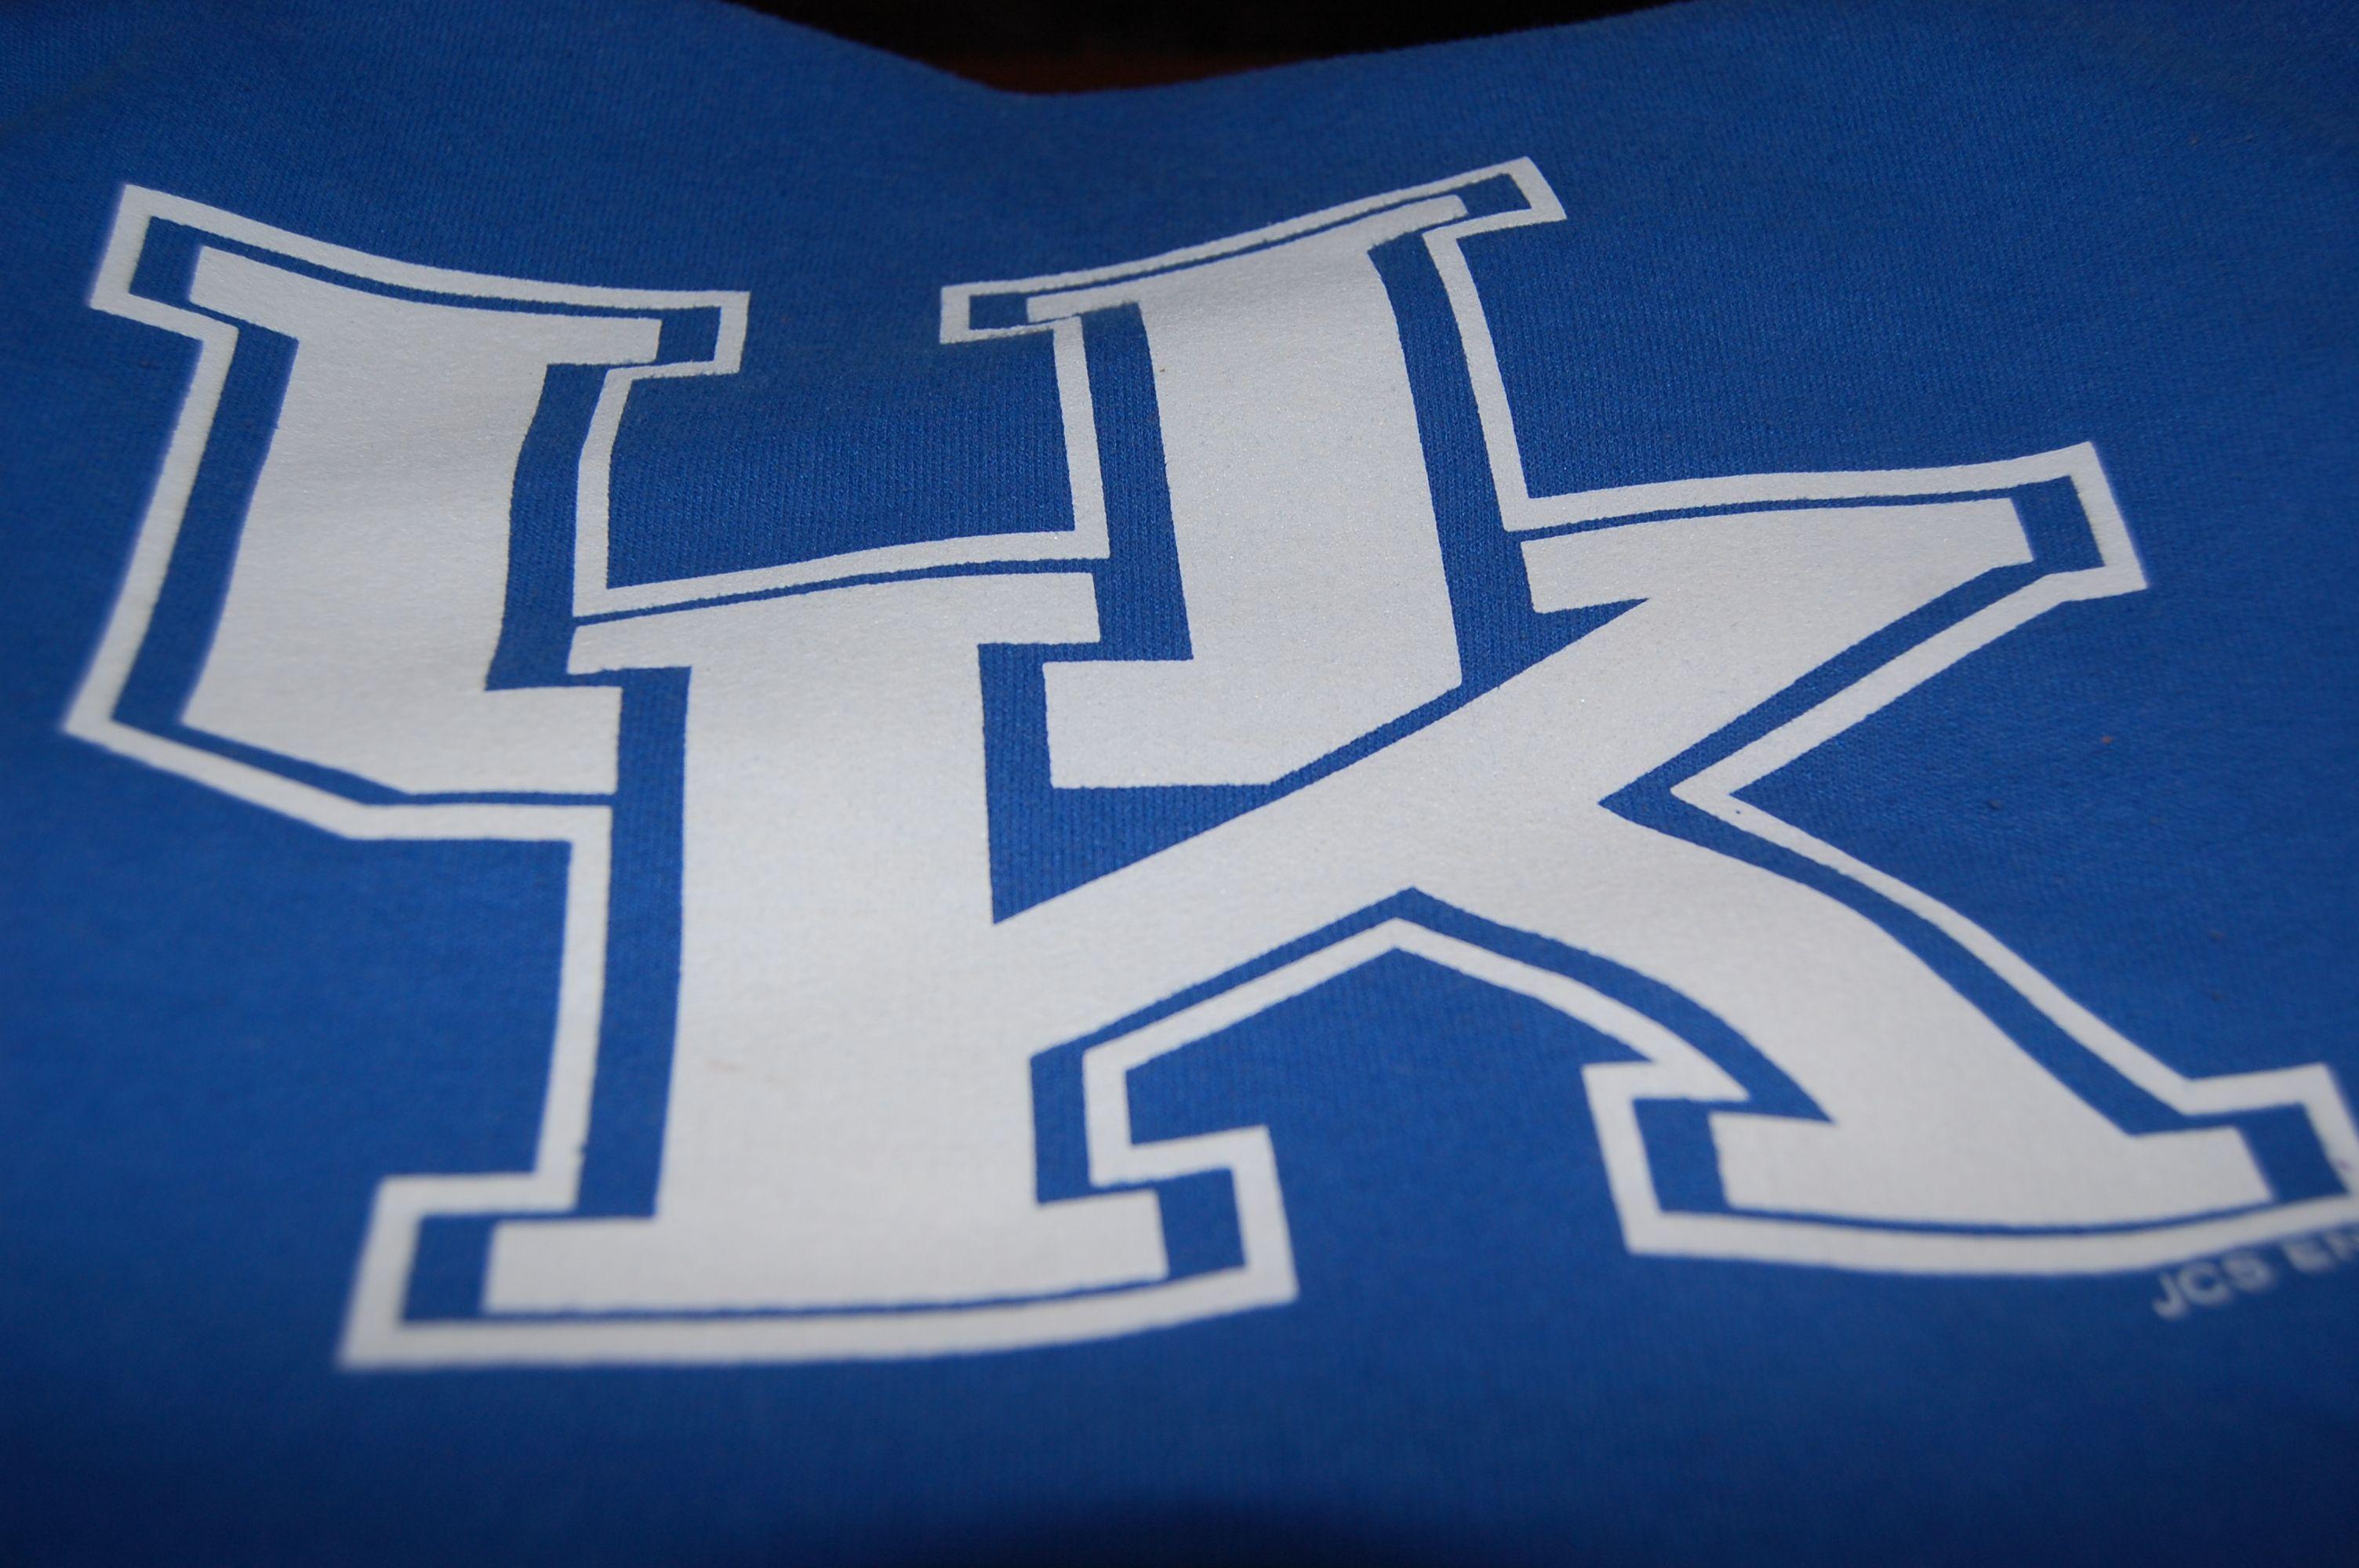 K is for Kentucky Wildcats.